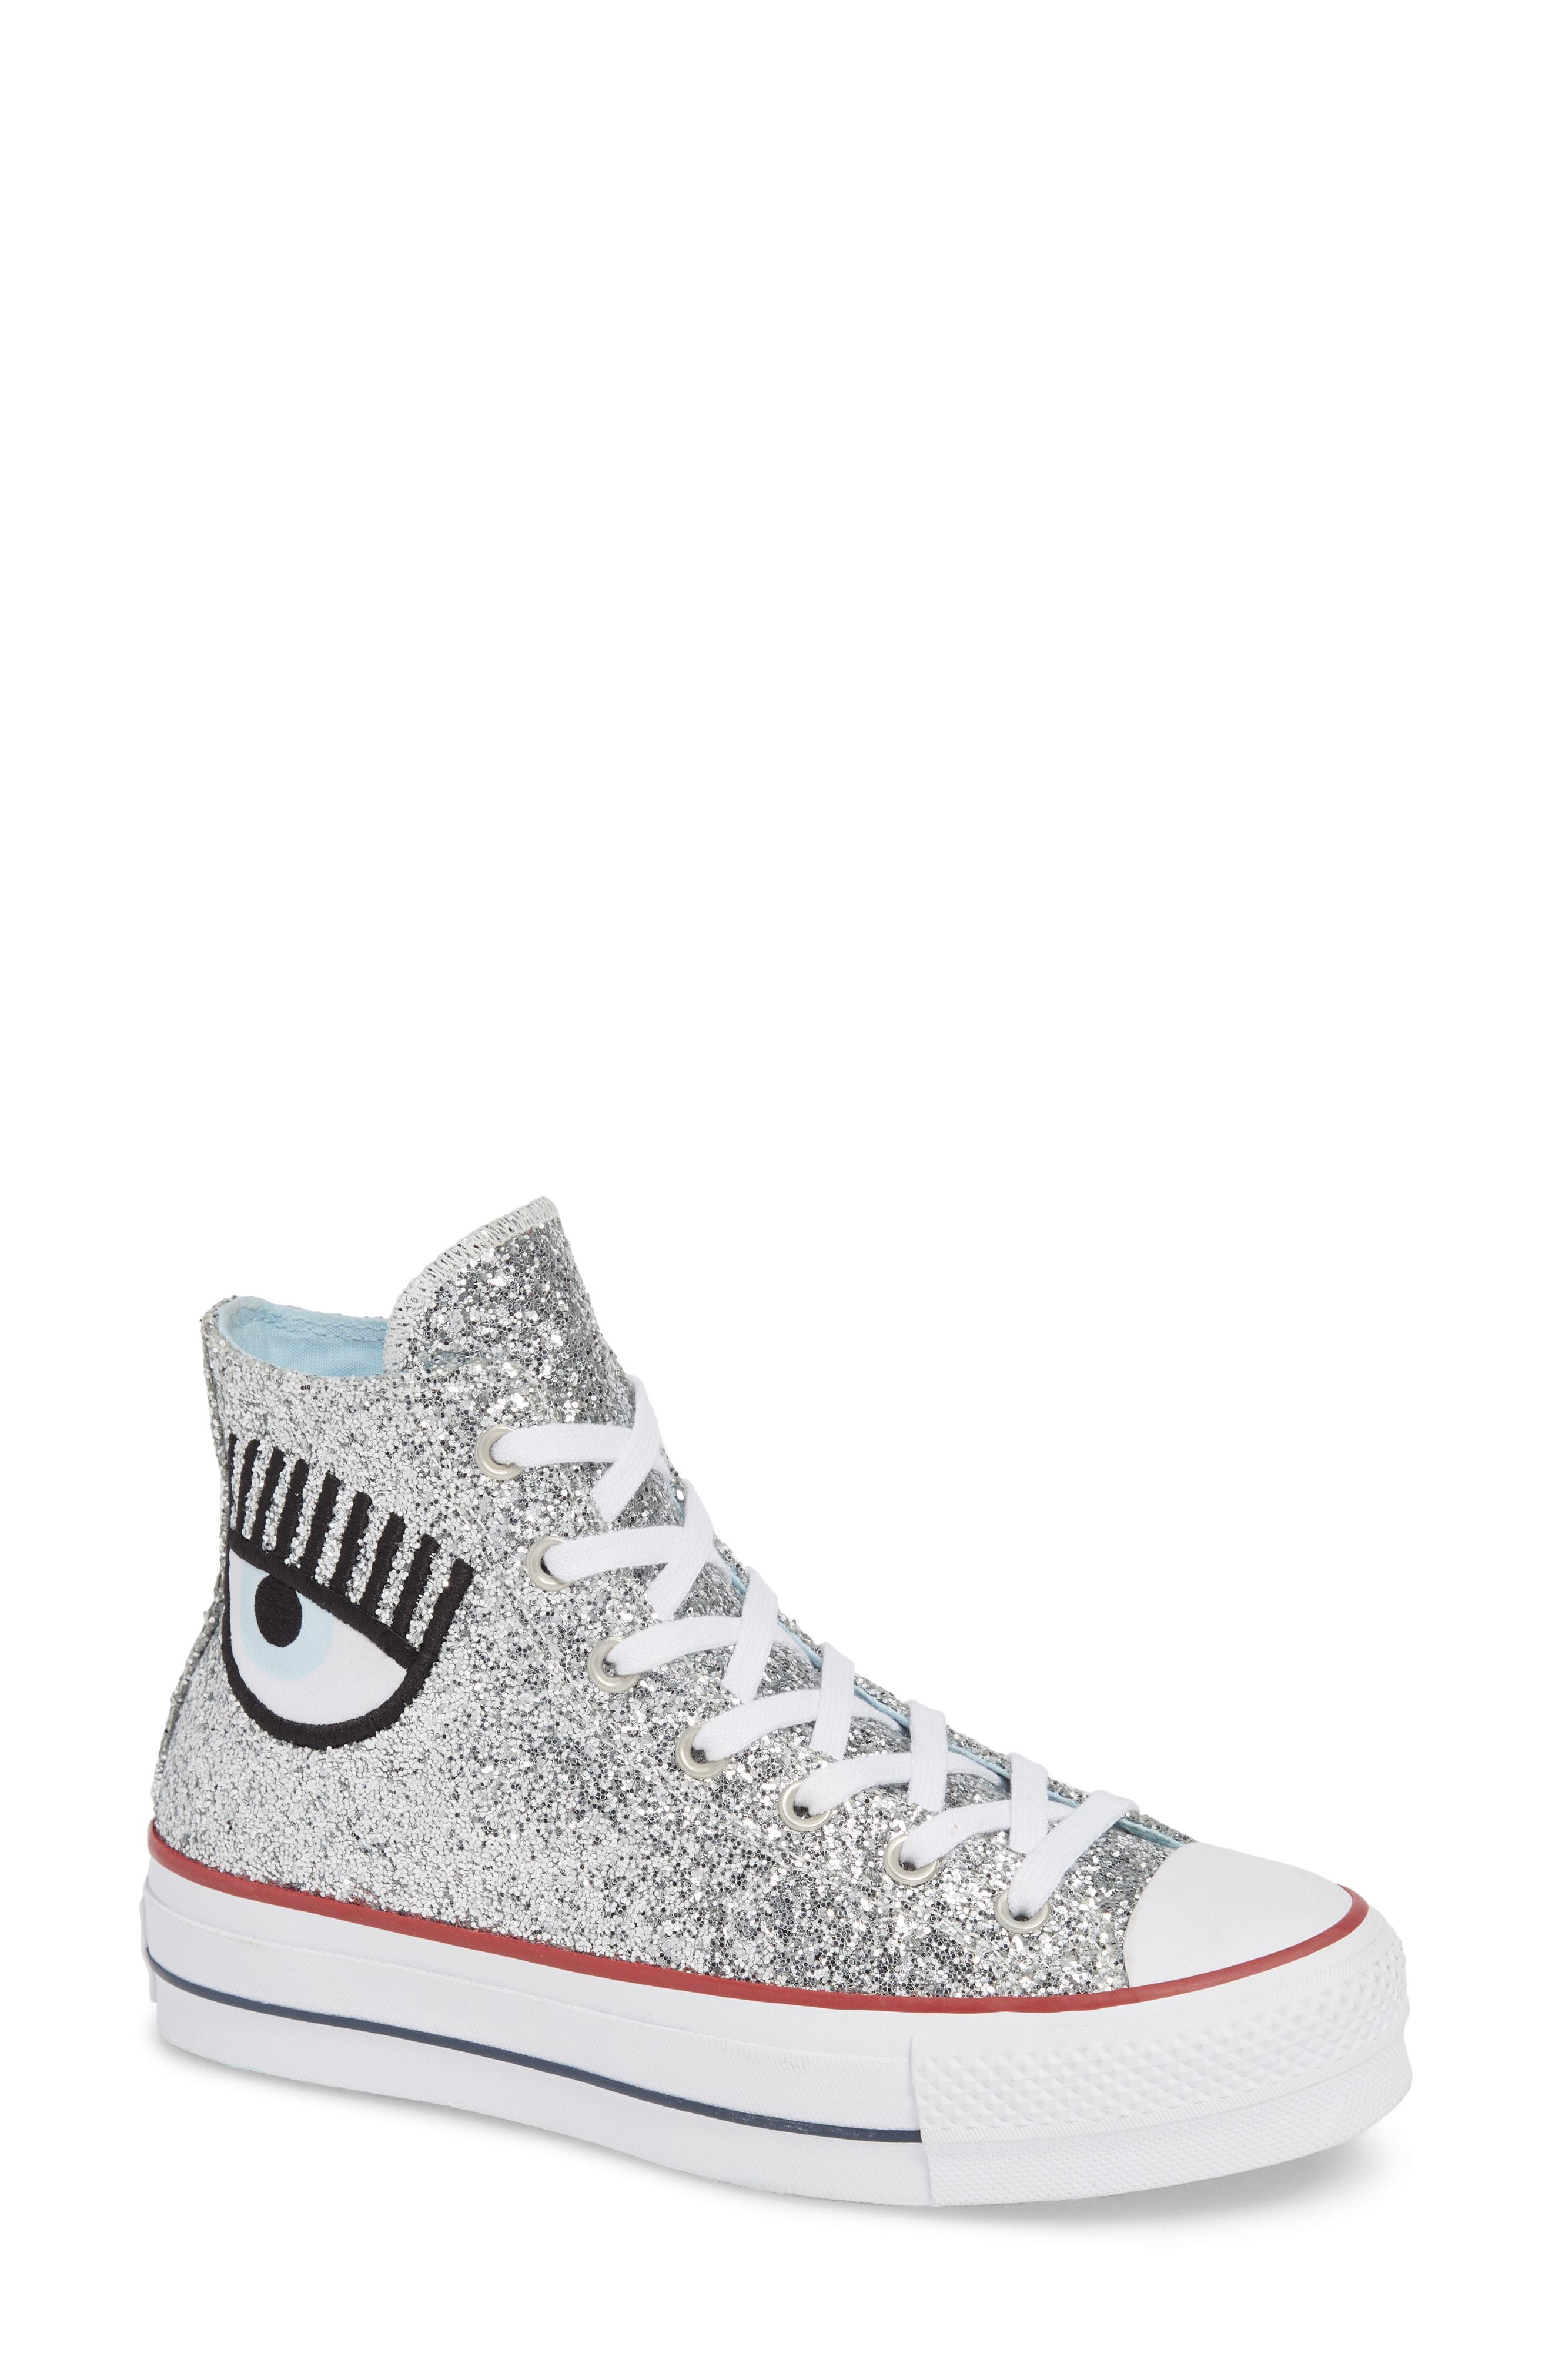 c52e8d4fed2 ... Top Sneakers Converse X Chiara Ferragni 70 Hi One Star Glitter Platform  Sneaker